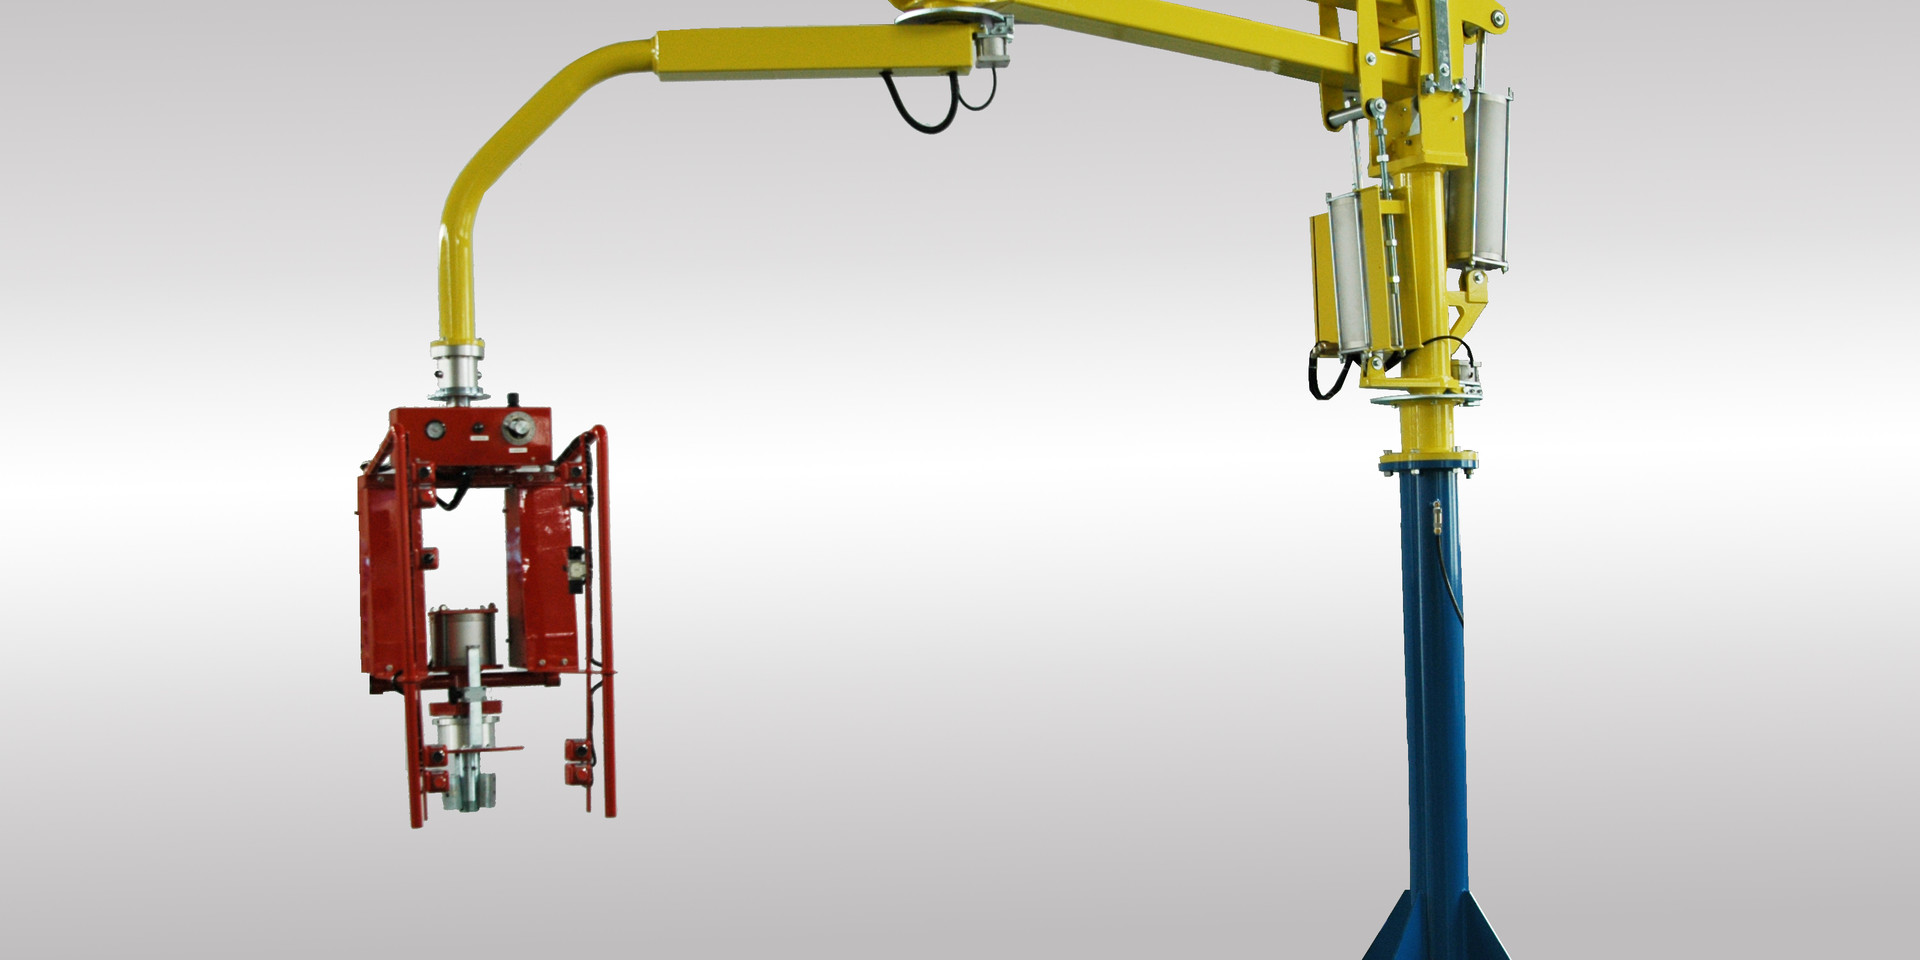 Industrial Roll Lifter.jpg